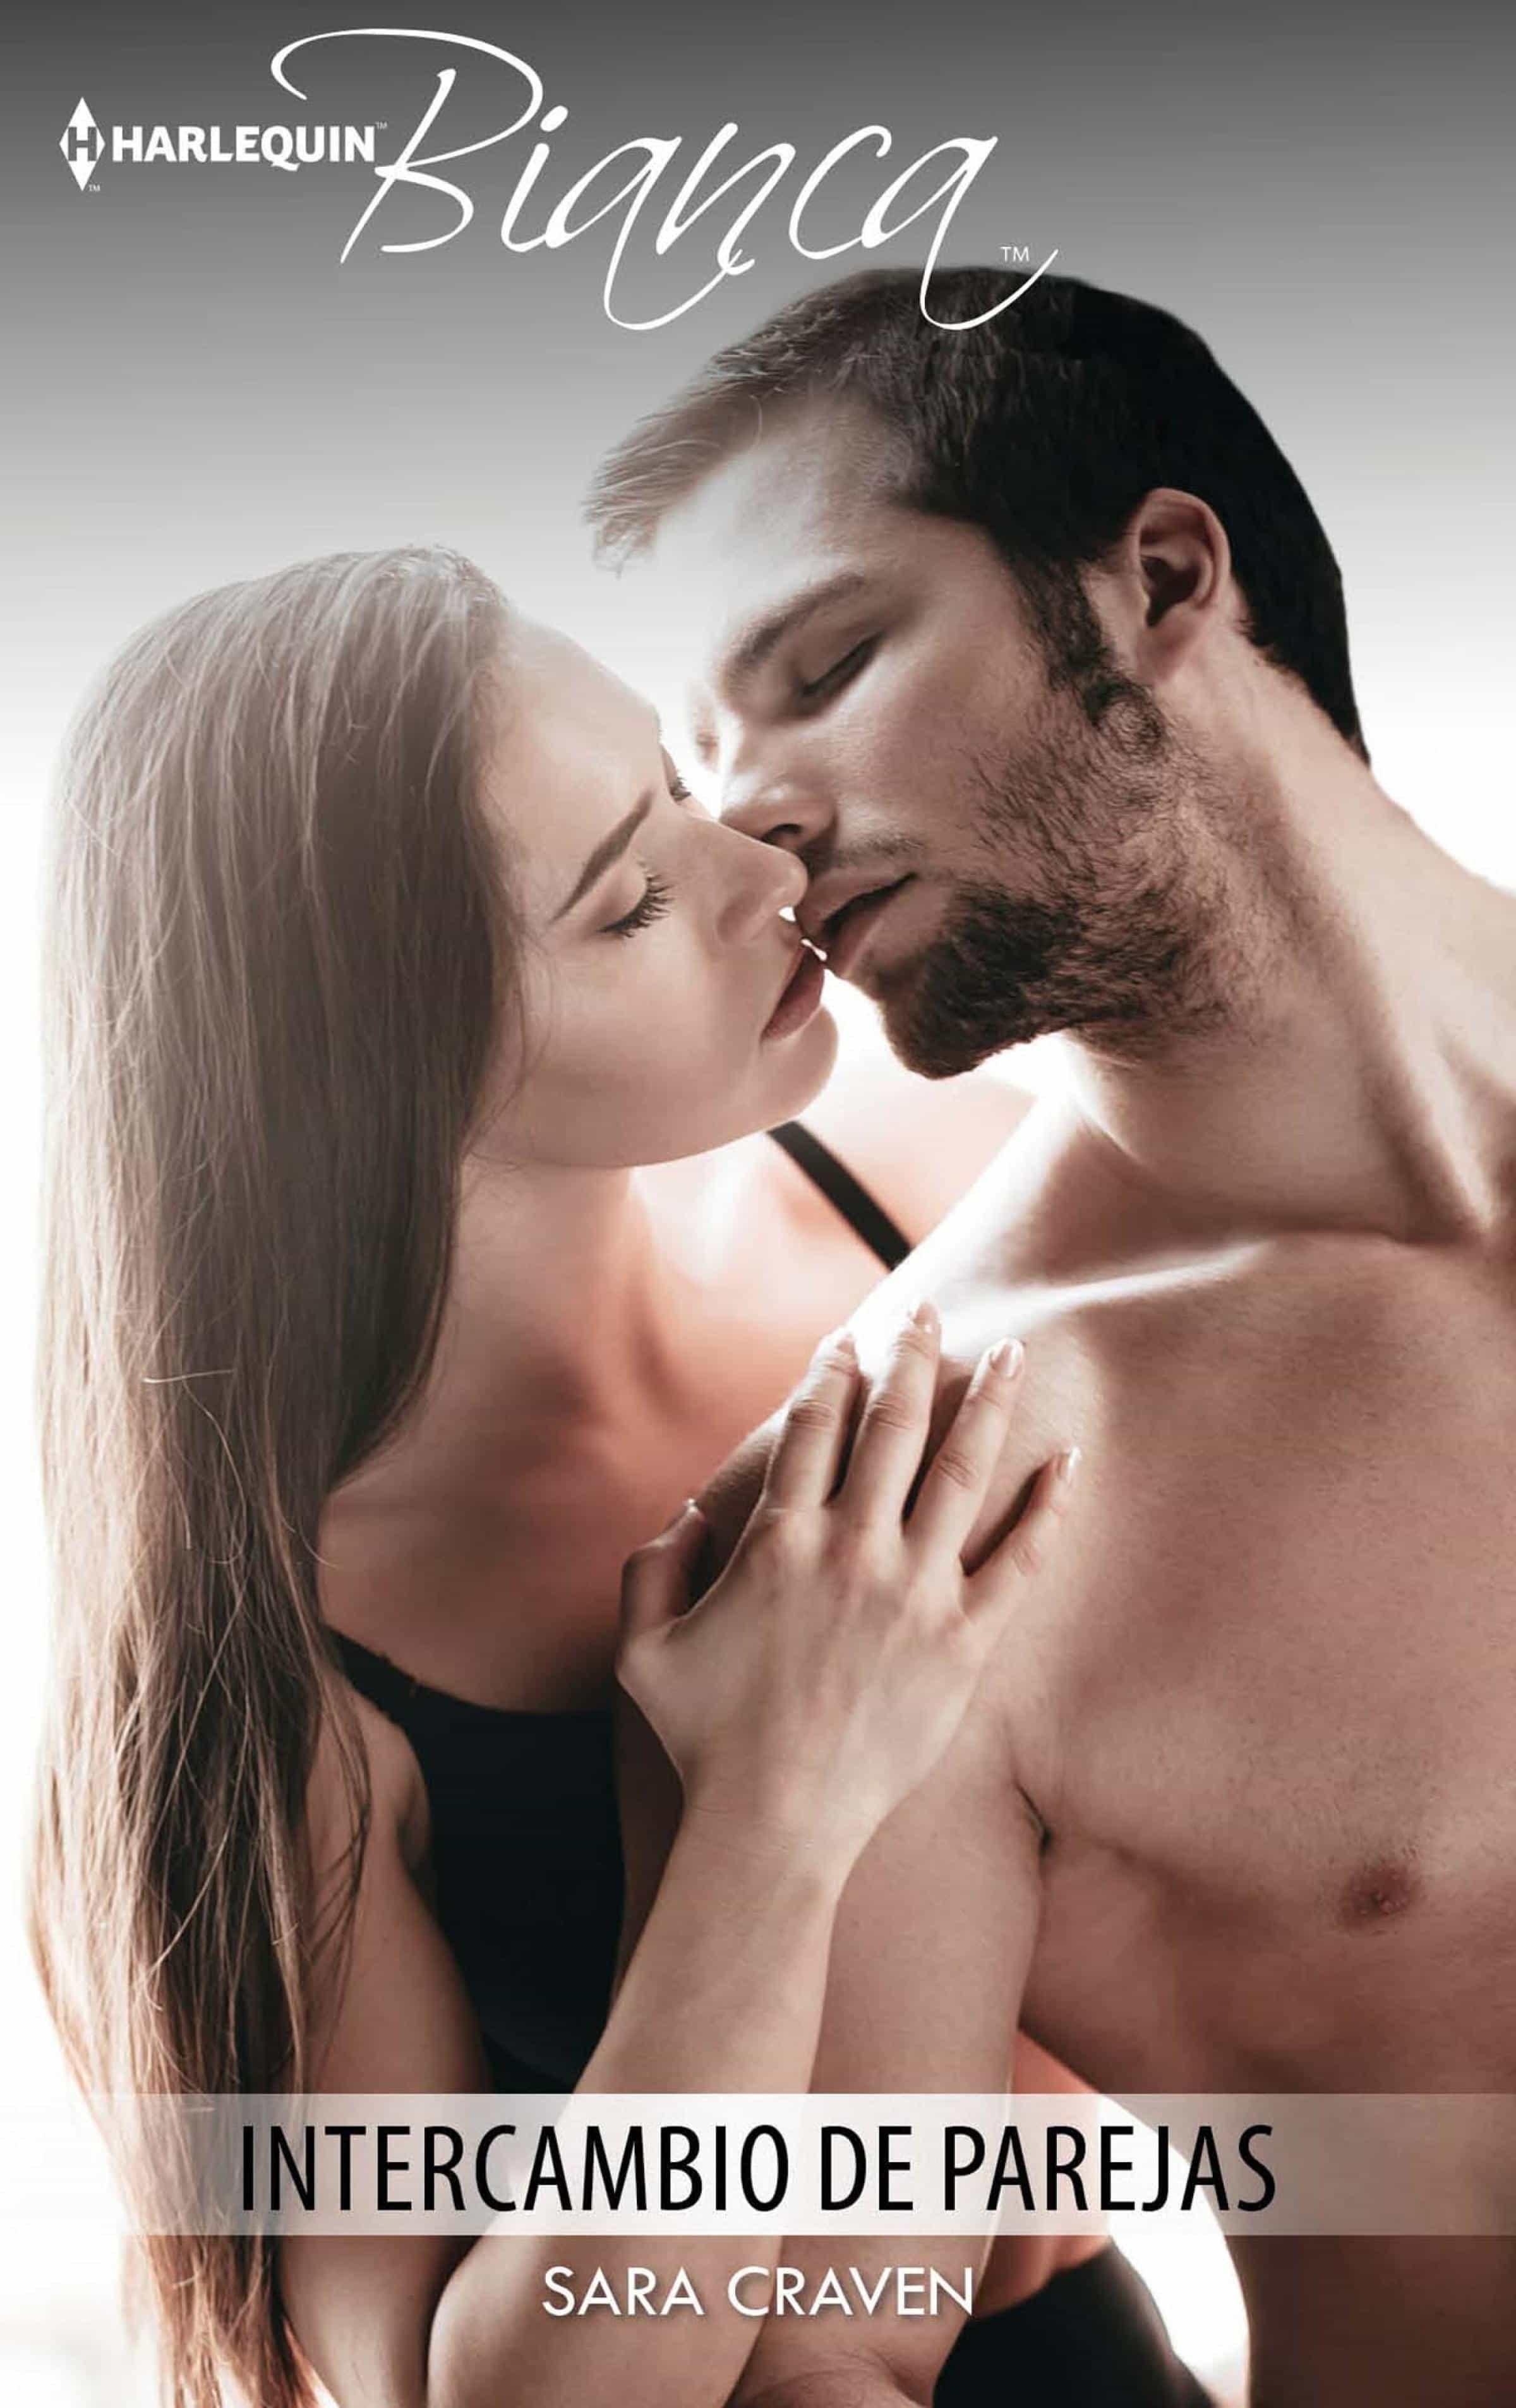 ¿Qué puede empujar a un matrimonio a buscar sensaciones novedosas y convertirse en swingers?